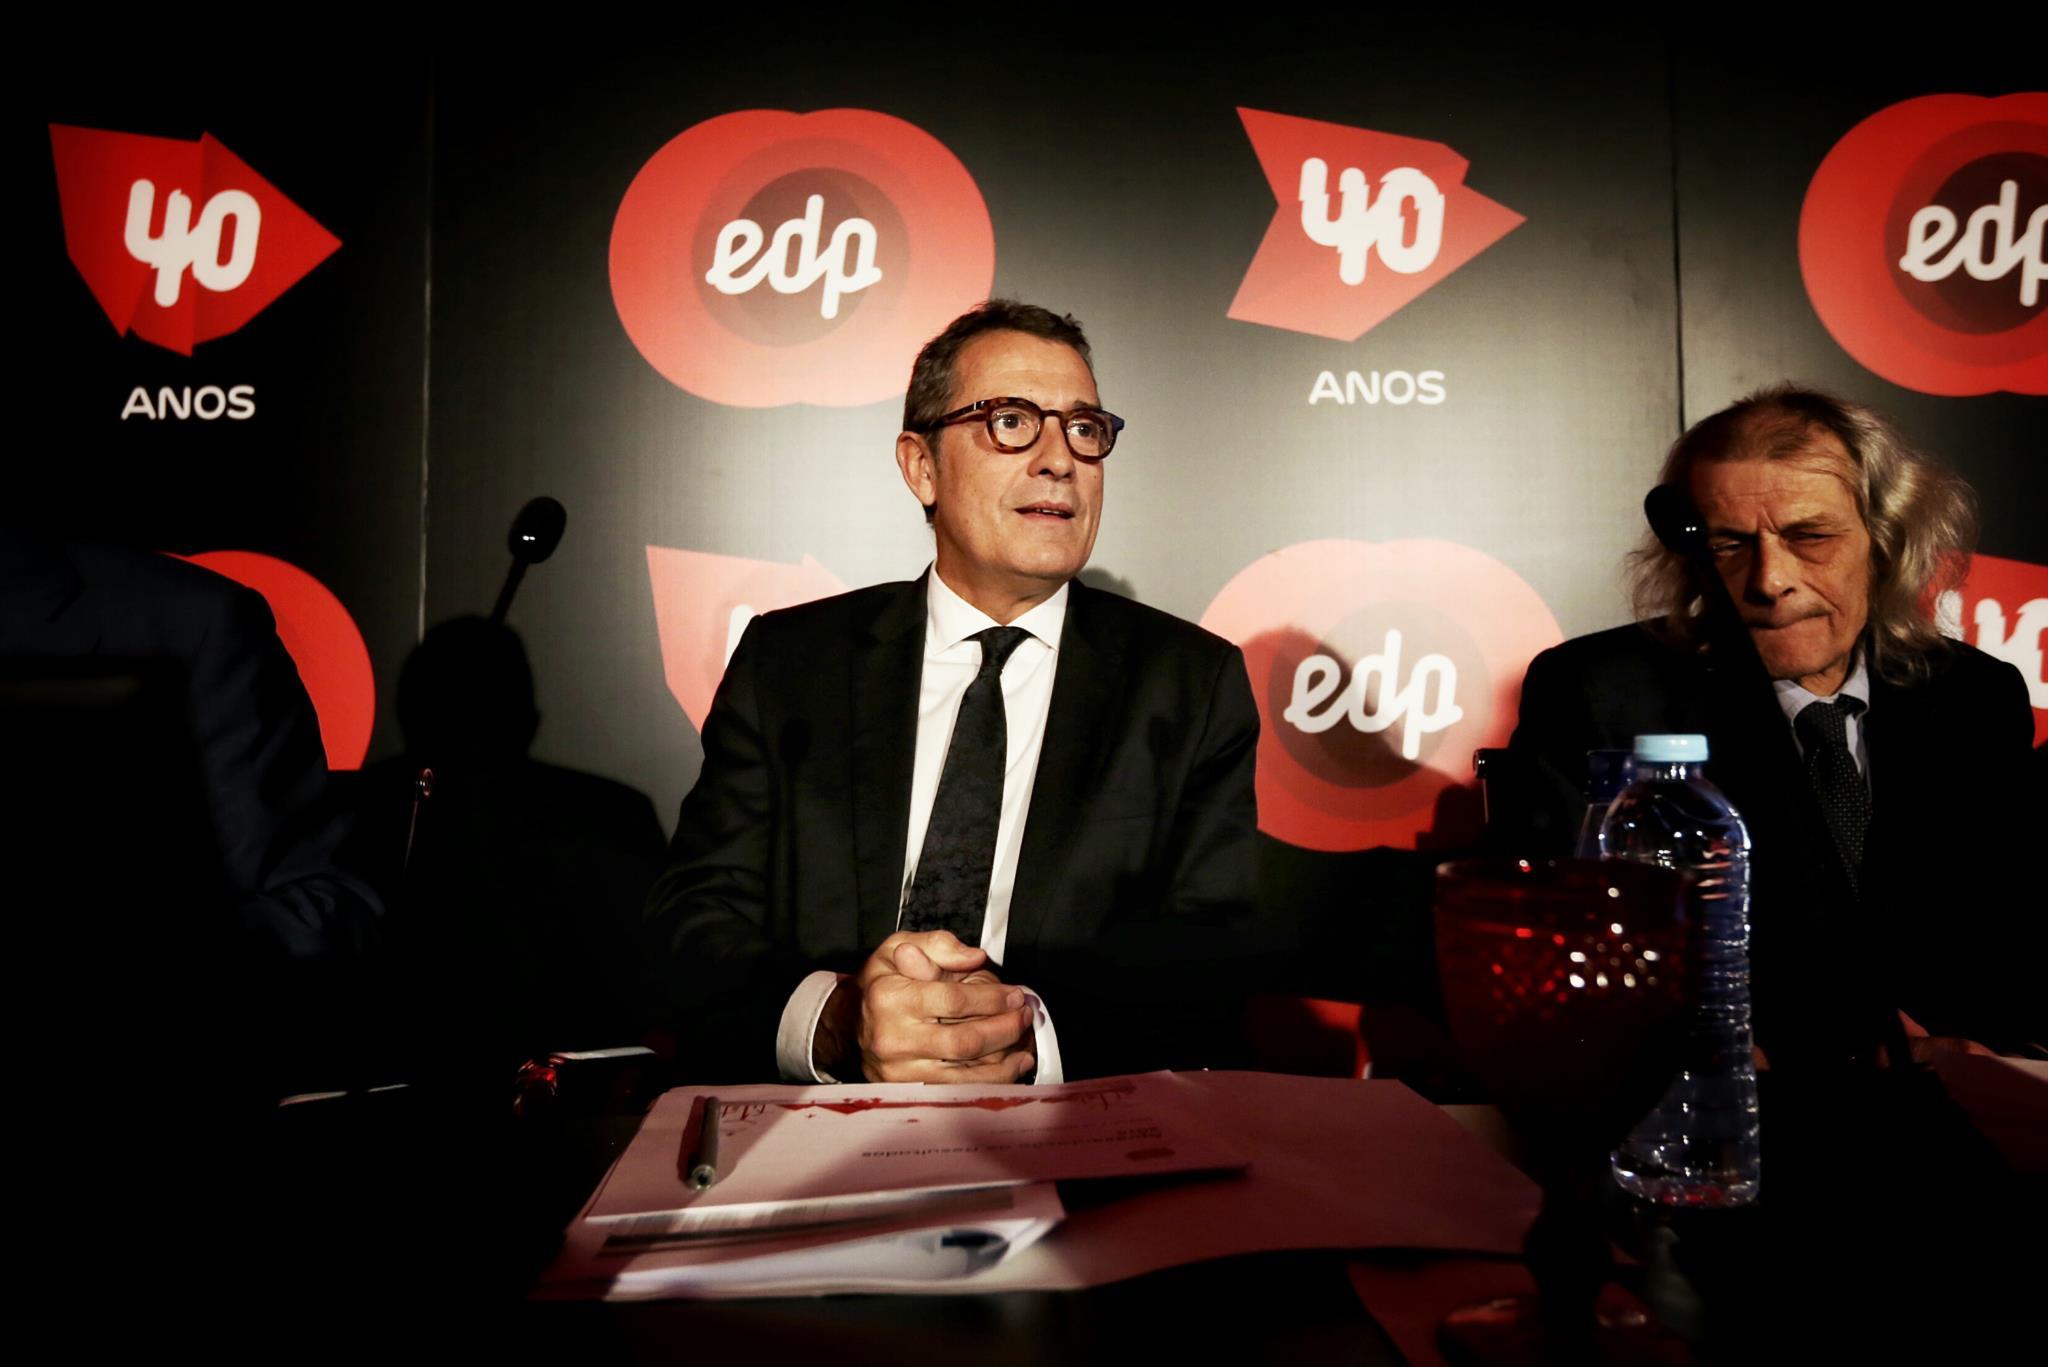 PÚBLICO - EDP contesta em tribunal 120 milhões da taxa extraordinária da energia